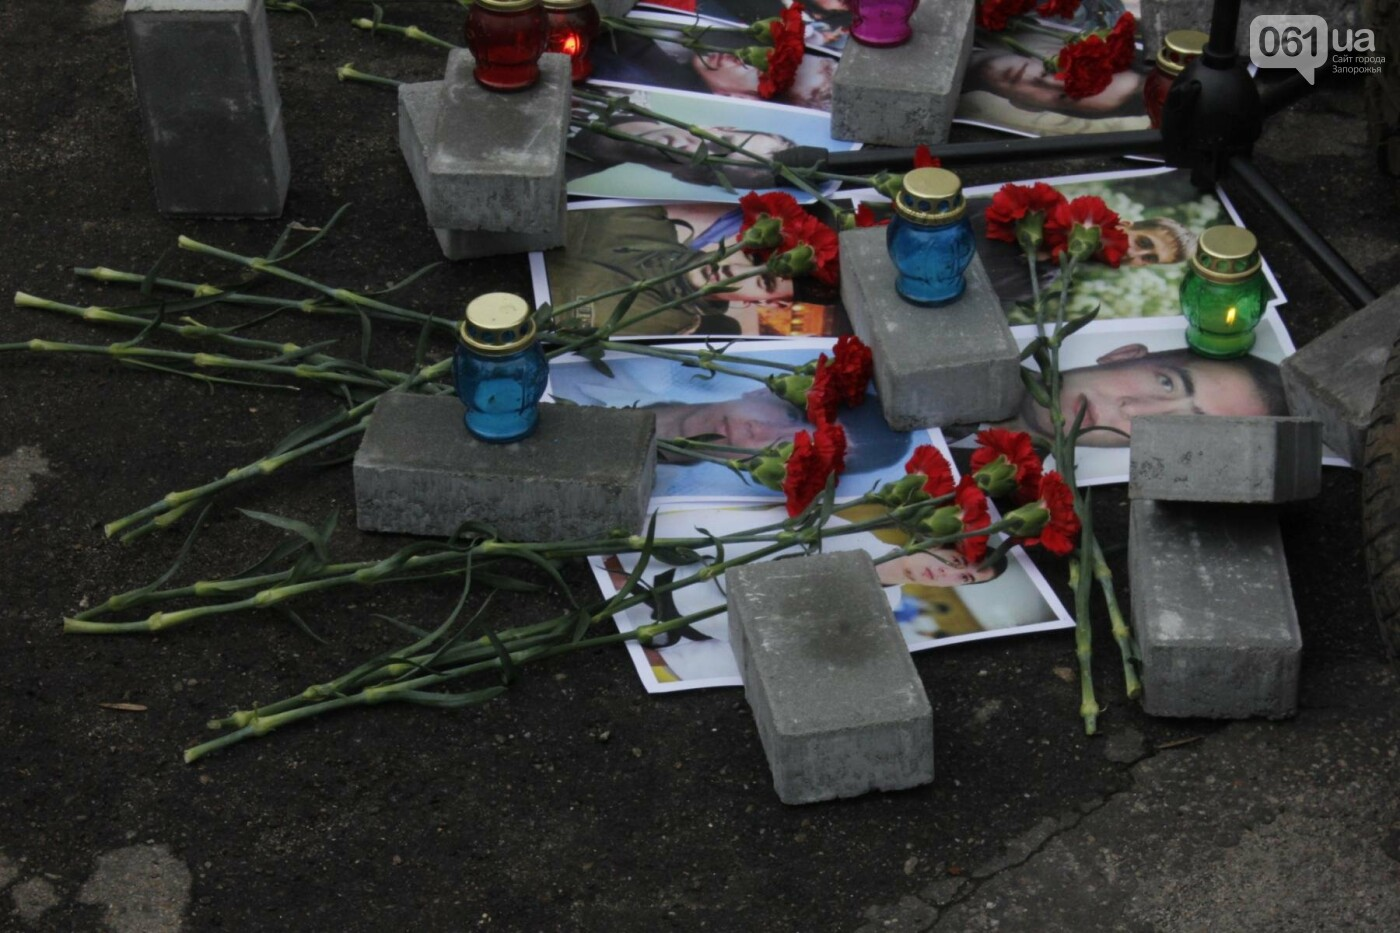 В Запорожье актеры на улице читали стихи о Майдане, - ФОТОРЕПОРТАЖ, фото-10